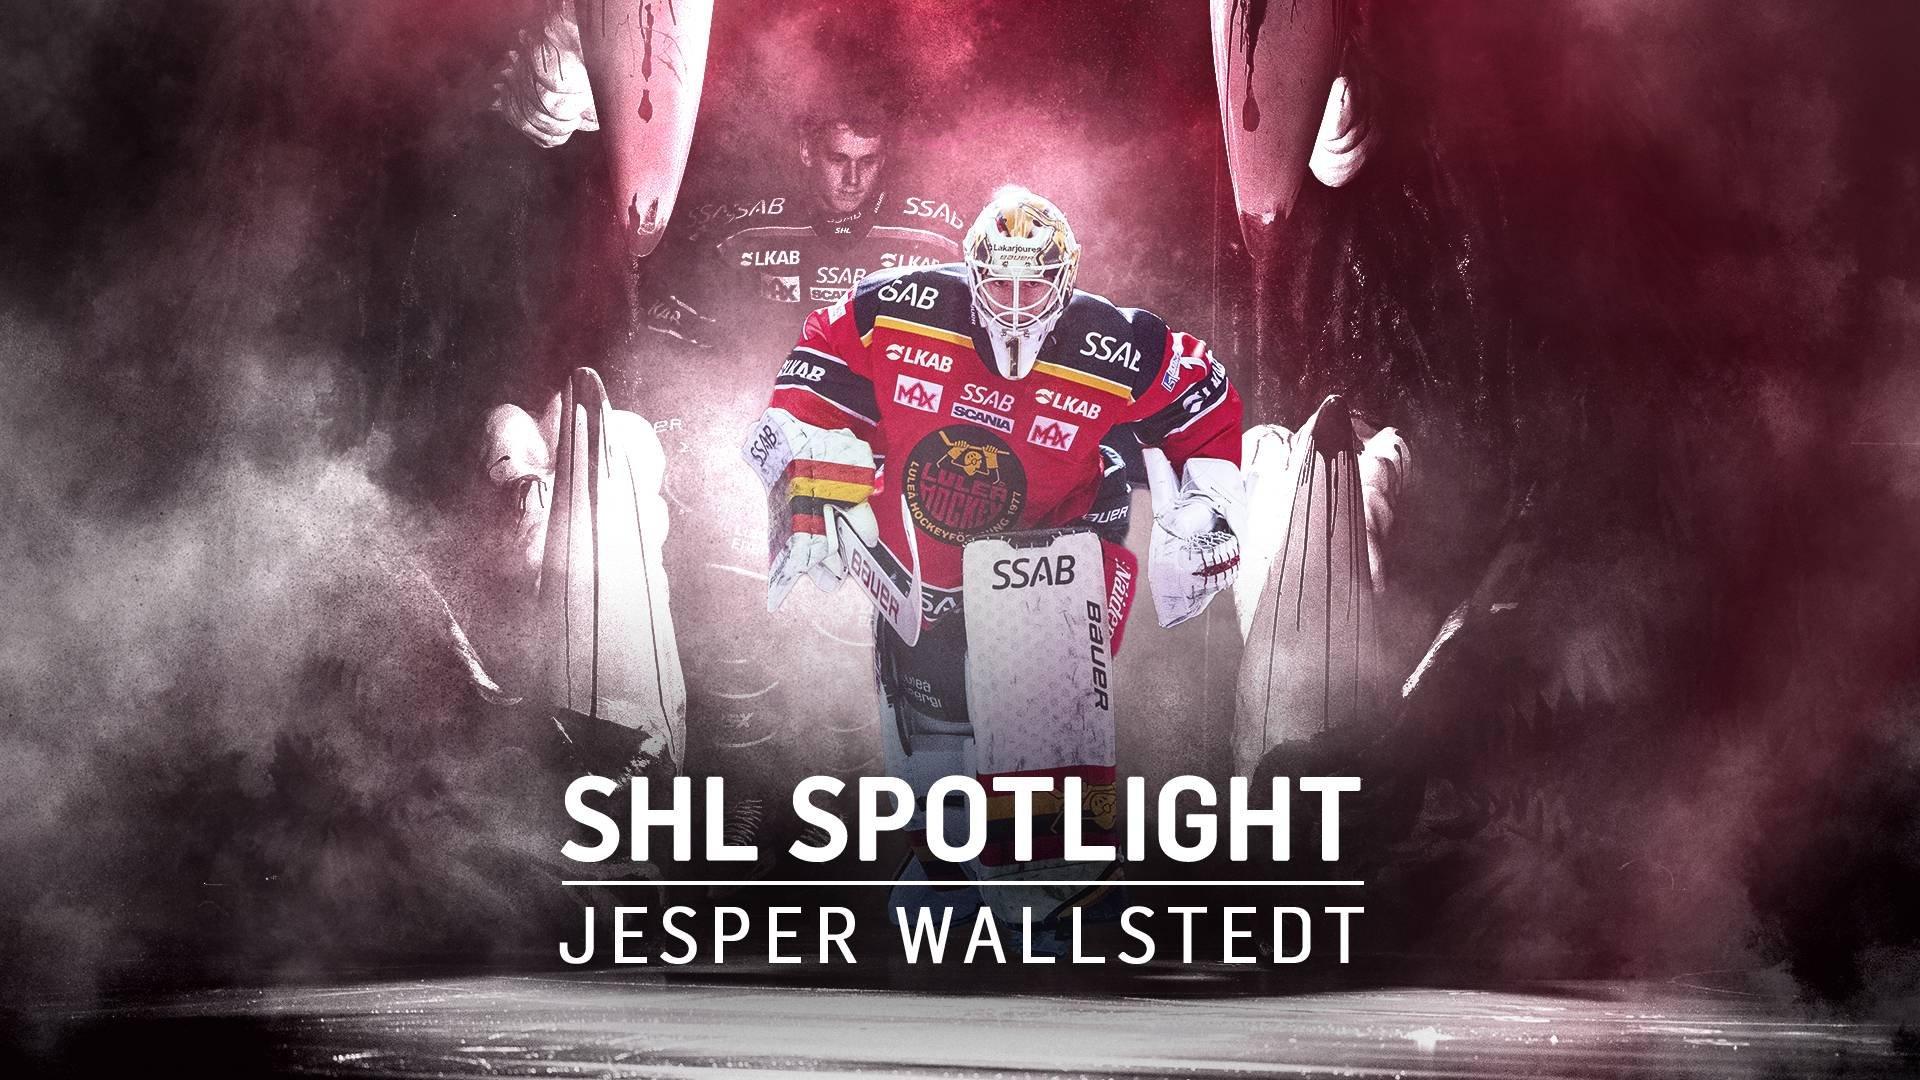 SHL Spotlight - Jesper Wallstedt